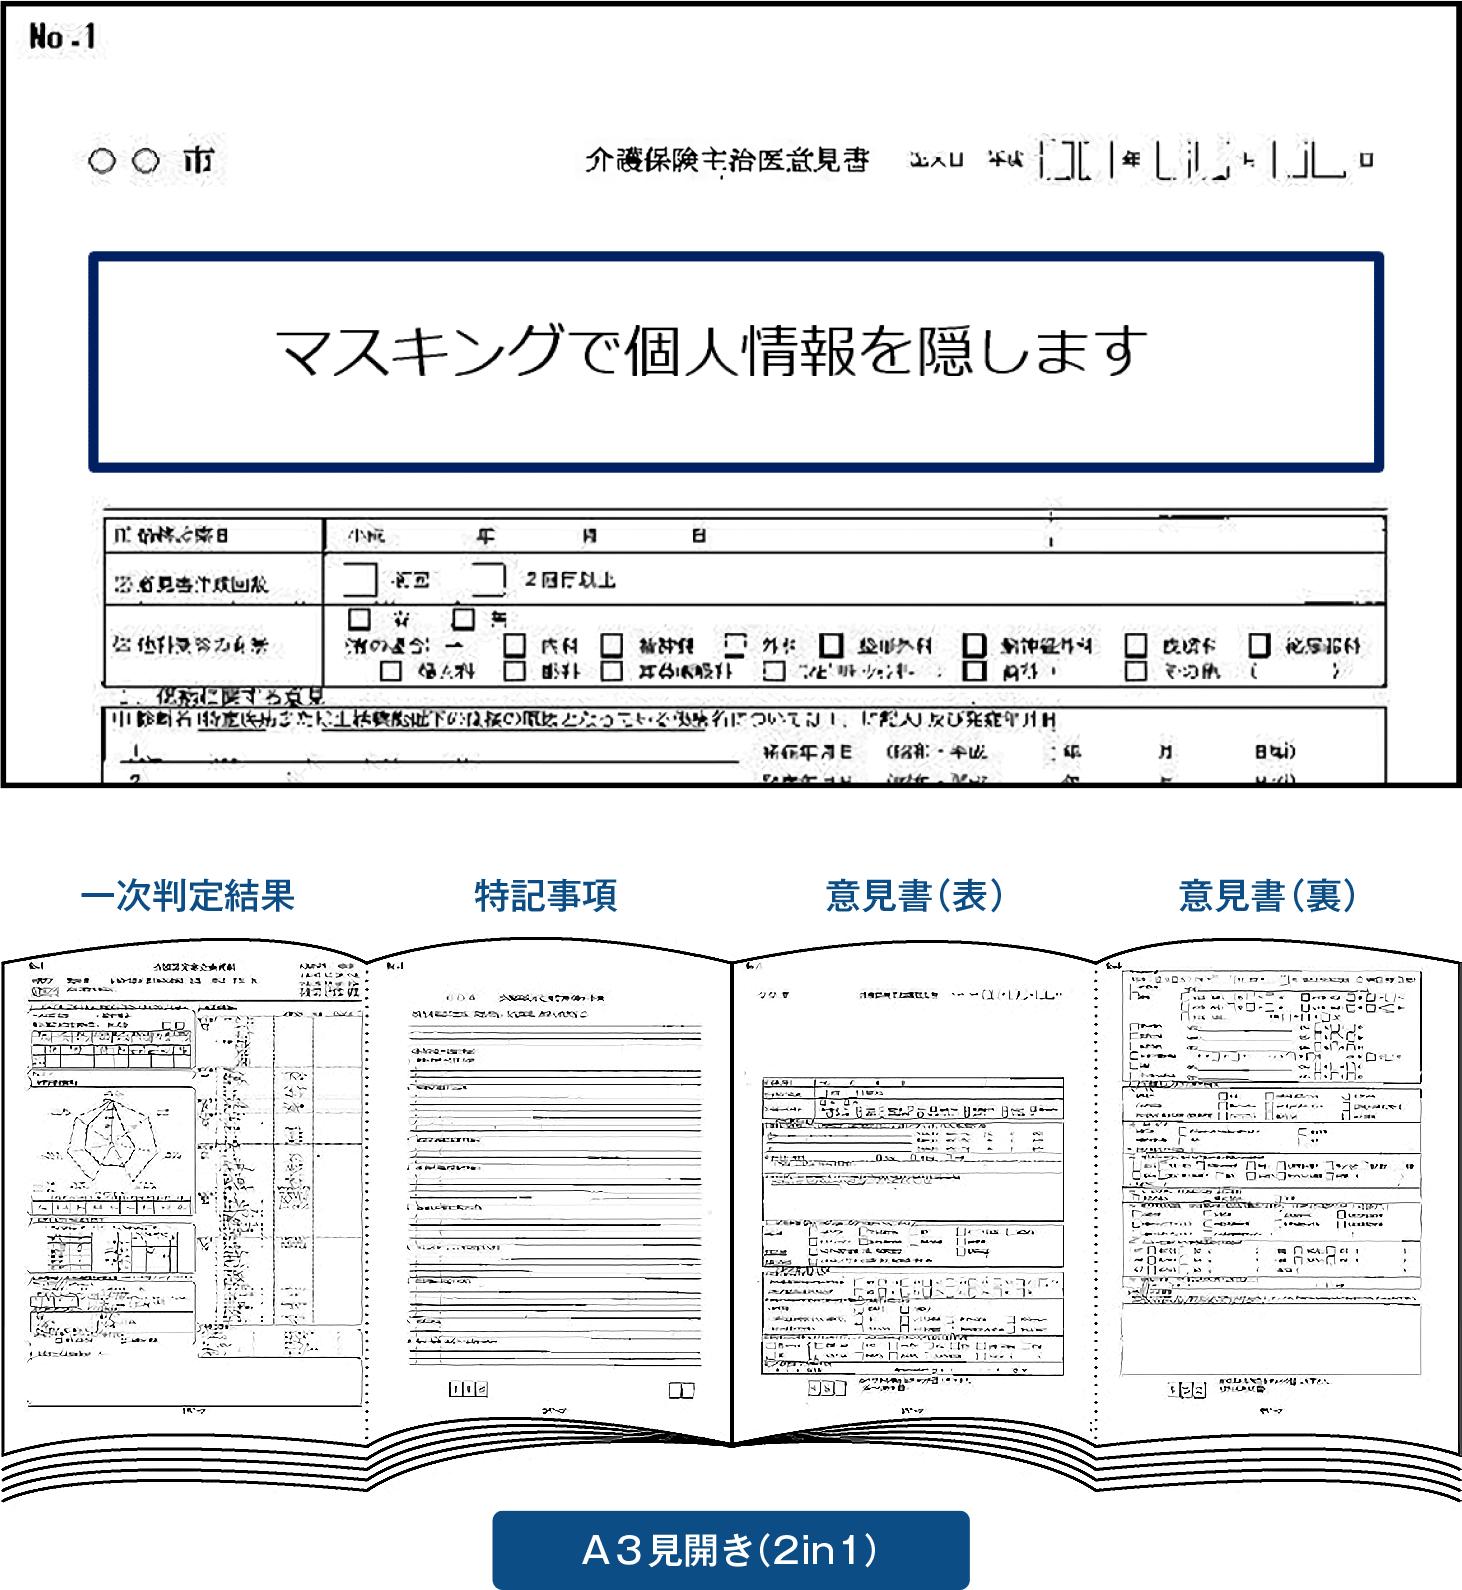 kaigo-screen01.jpg